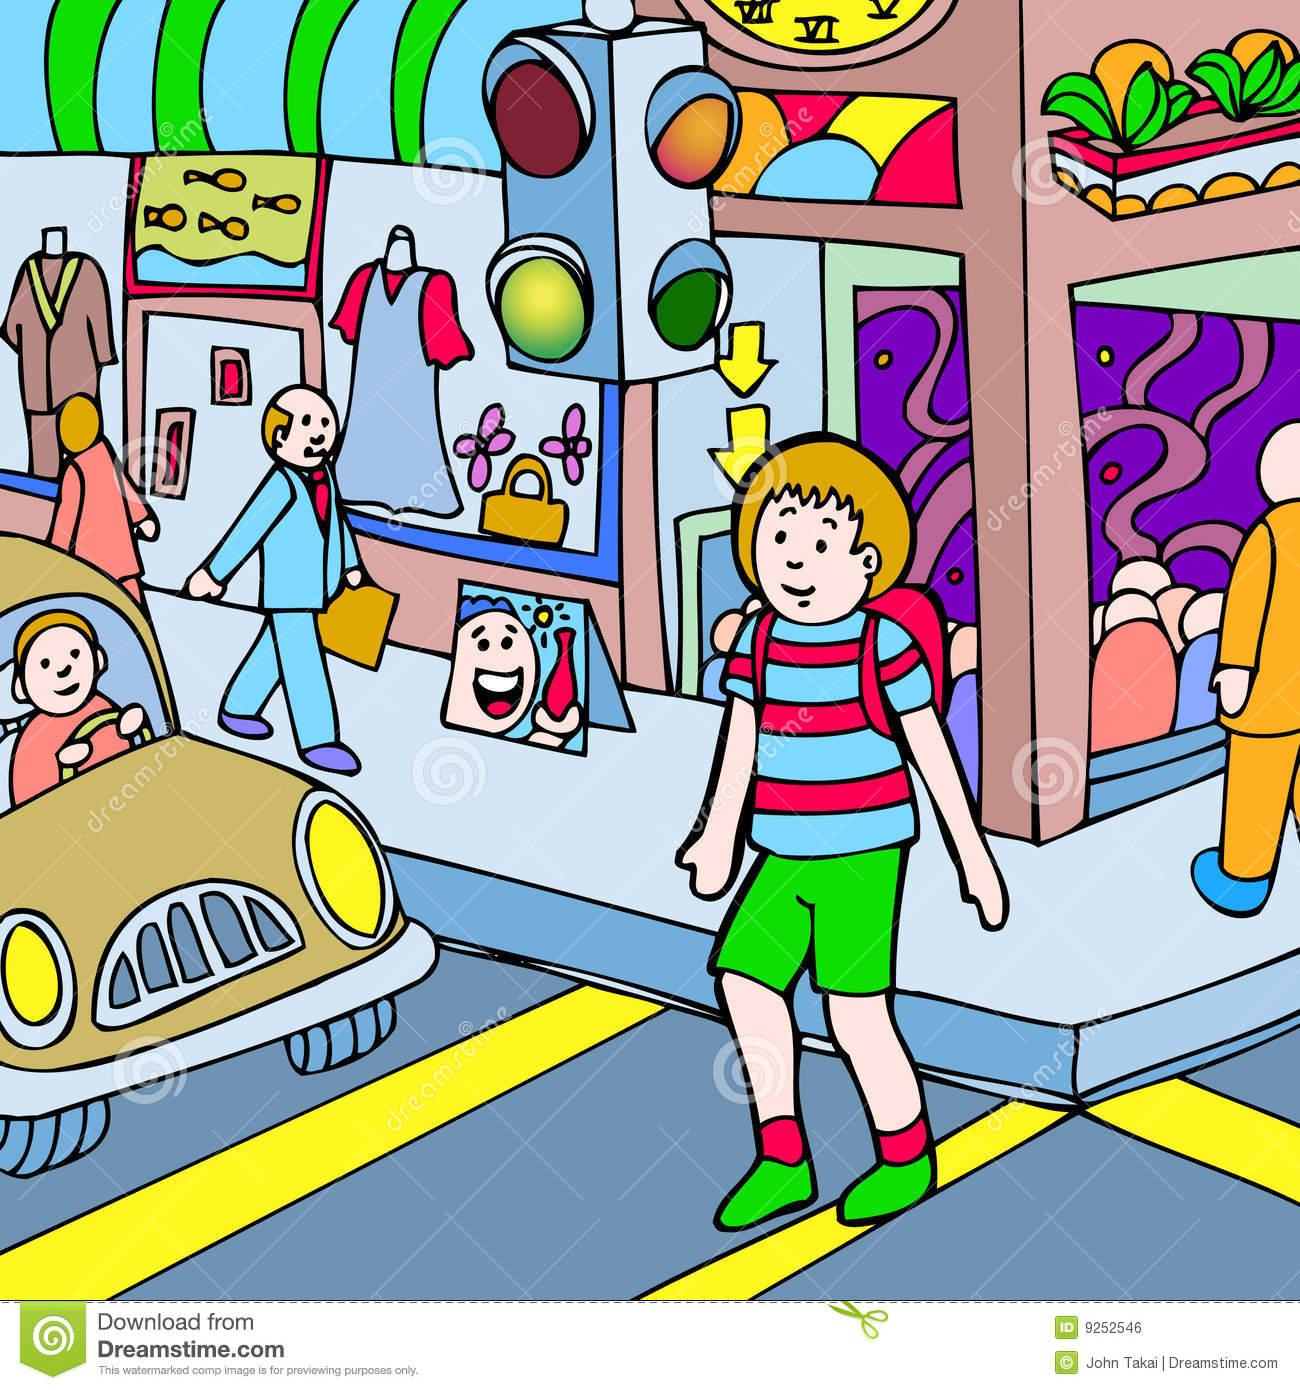 Little boy walking on the street clipart.